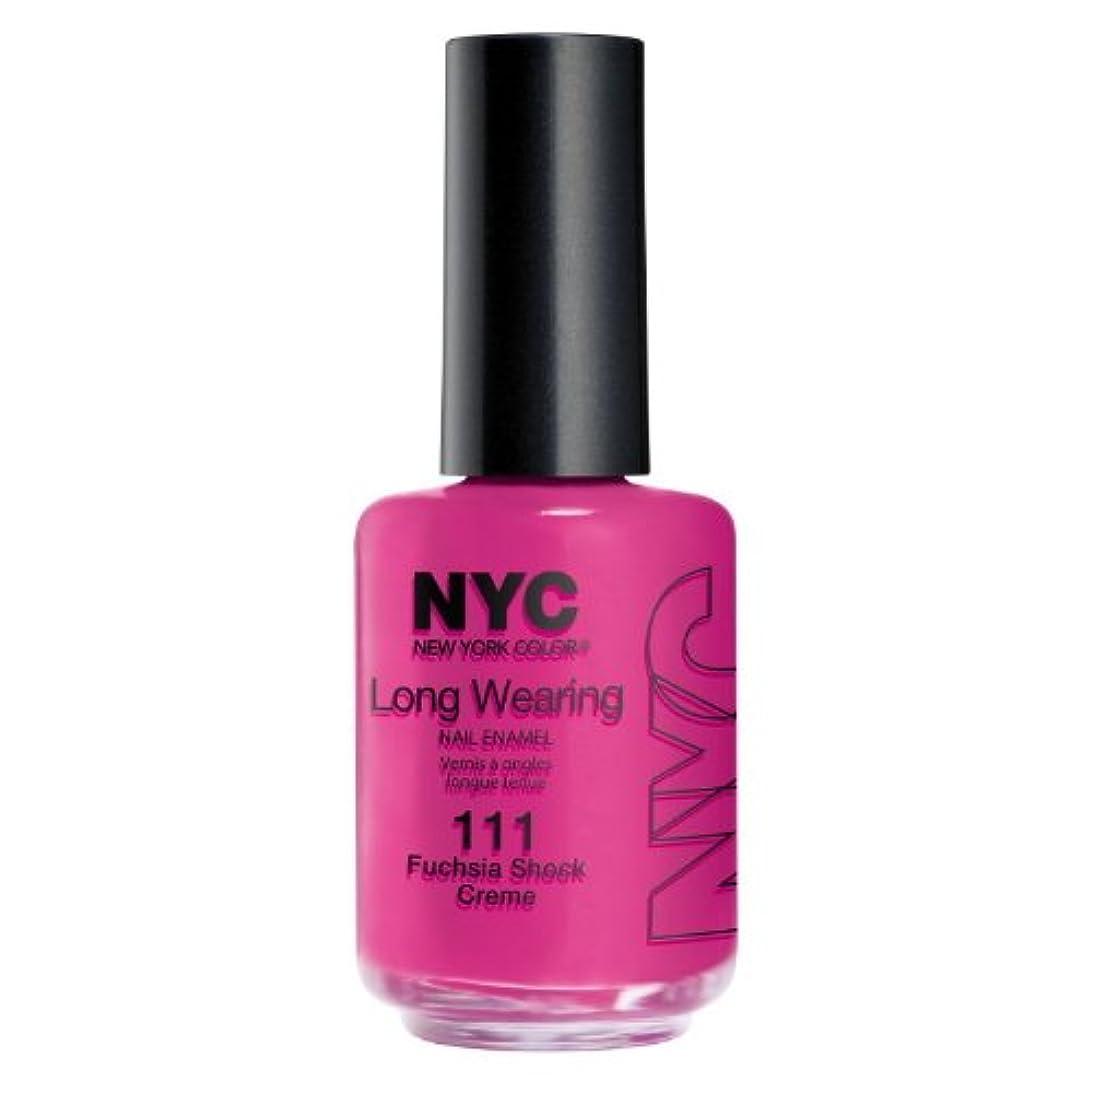 コンセンサスリダクター足(3 Pack) NYC Long Wearing Nail Enamel - Fuchisia Shock Creme (並行輸入品)